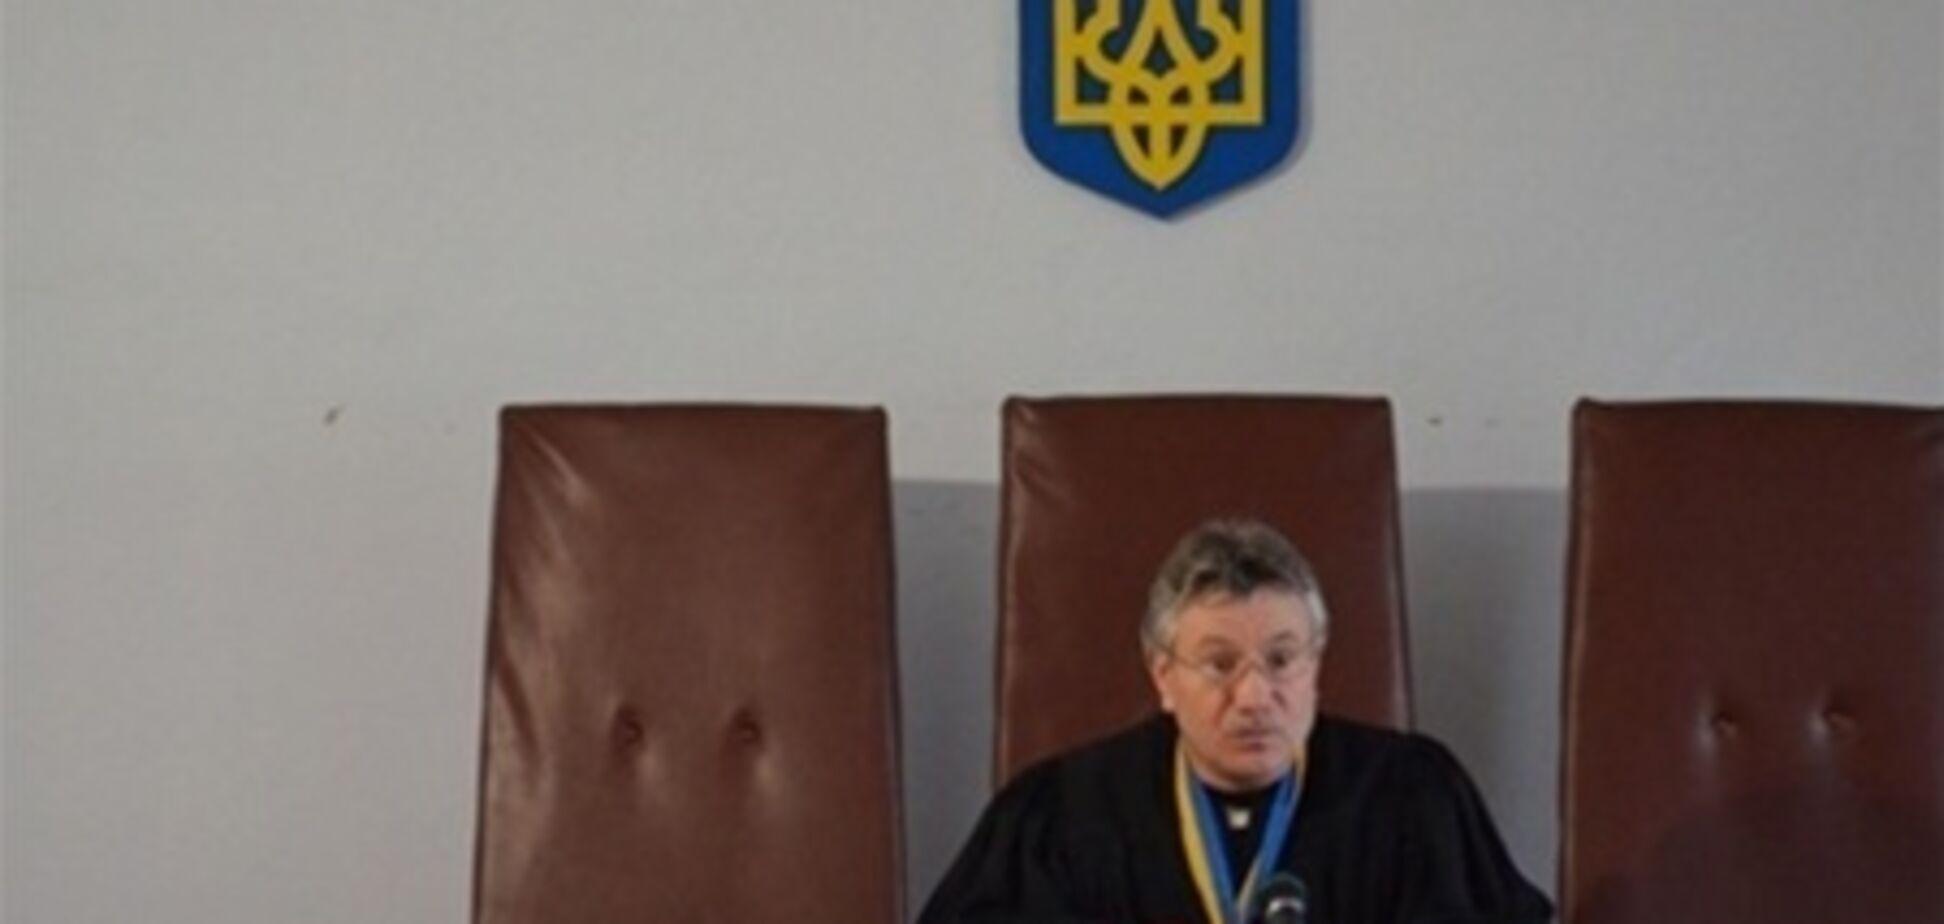 Одесситы через суд пытаются лишить мэра зарплаты